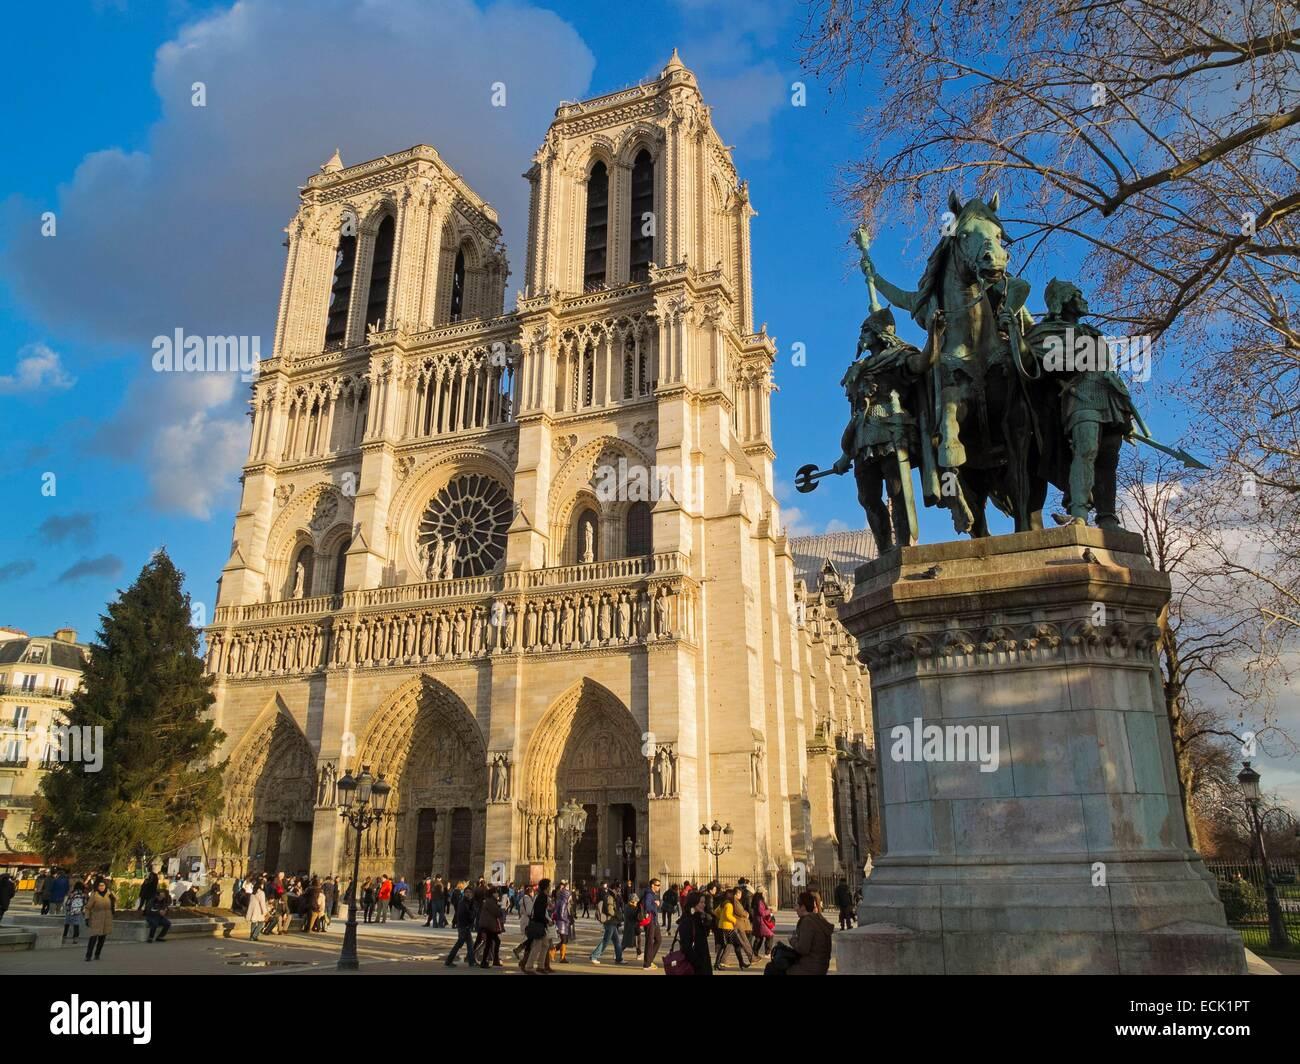 France, Paris, Ile de la Cité, Notre-Dame-de-Paris statue of Charlemagne in the parvis - Stock Image